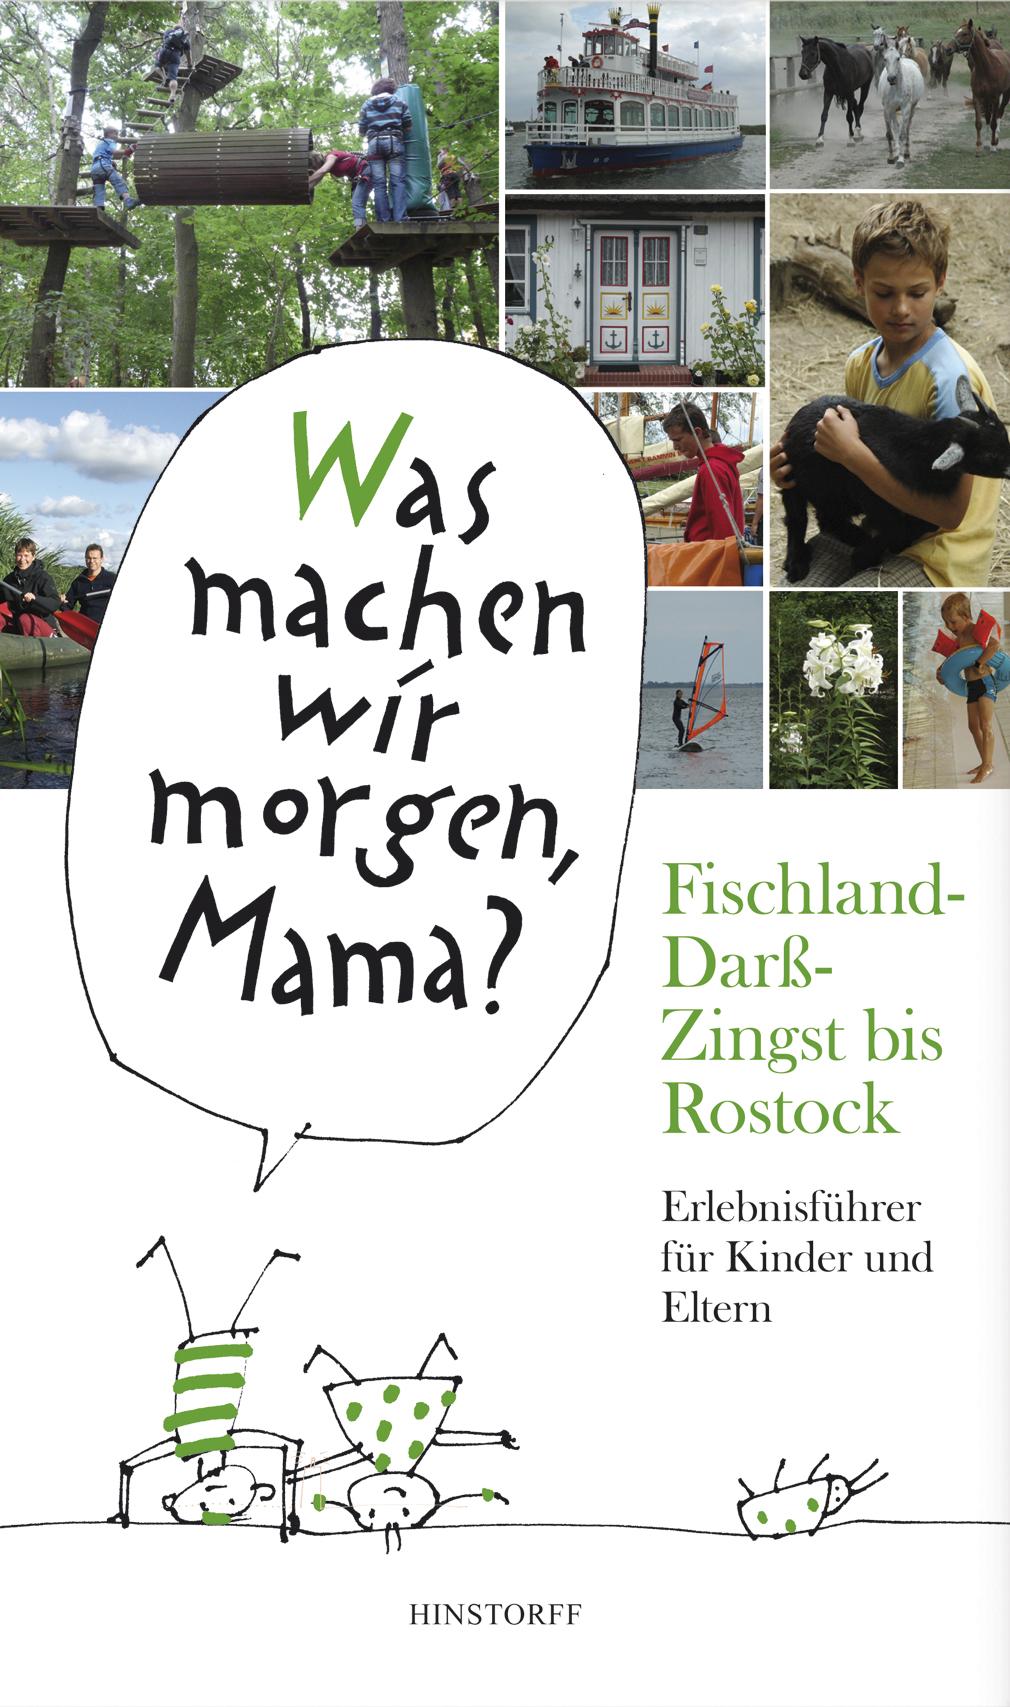 Was machen wir morgen, Mama? Fischland-Darß-Zingst bis Rostock